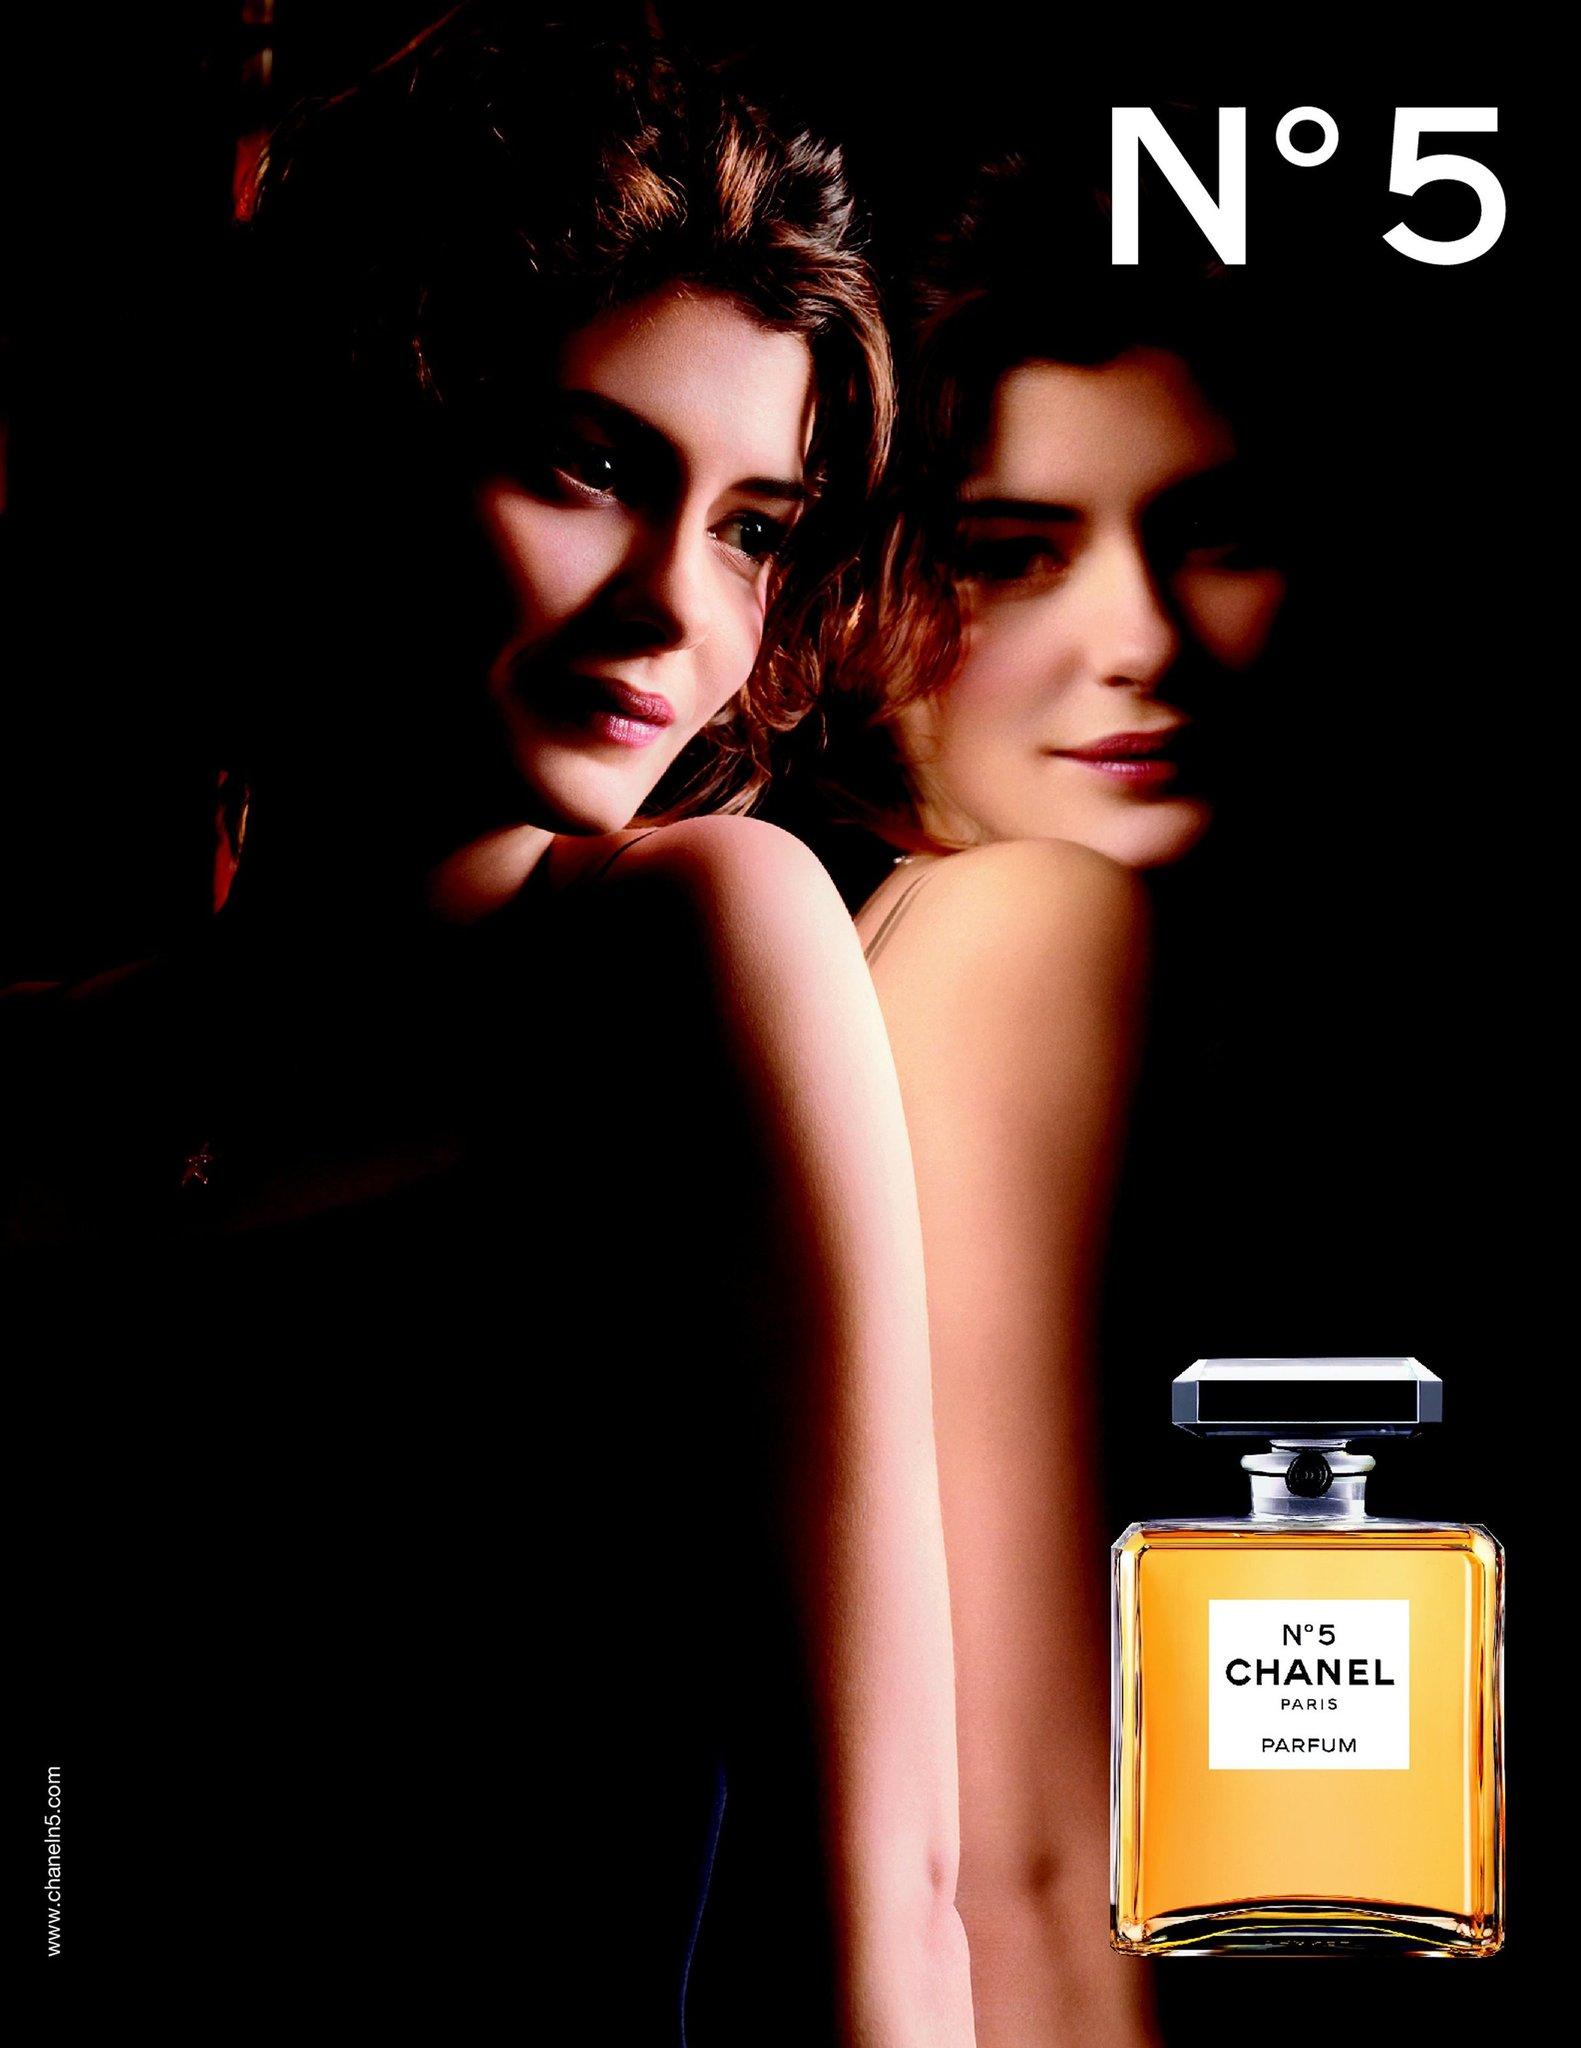 Chanel 5 - dünya parfümünün güzel efsanesi